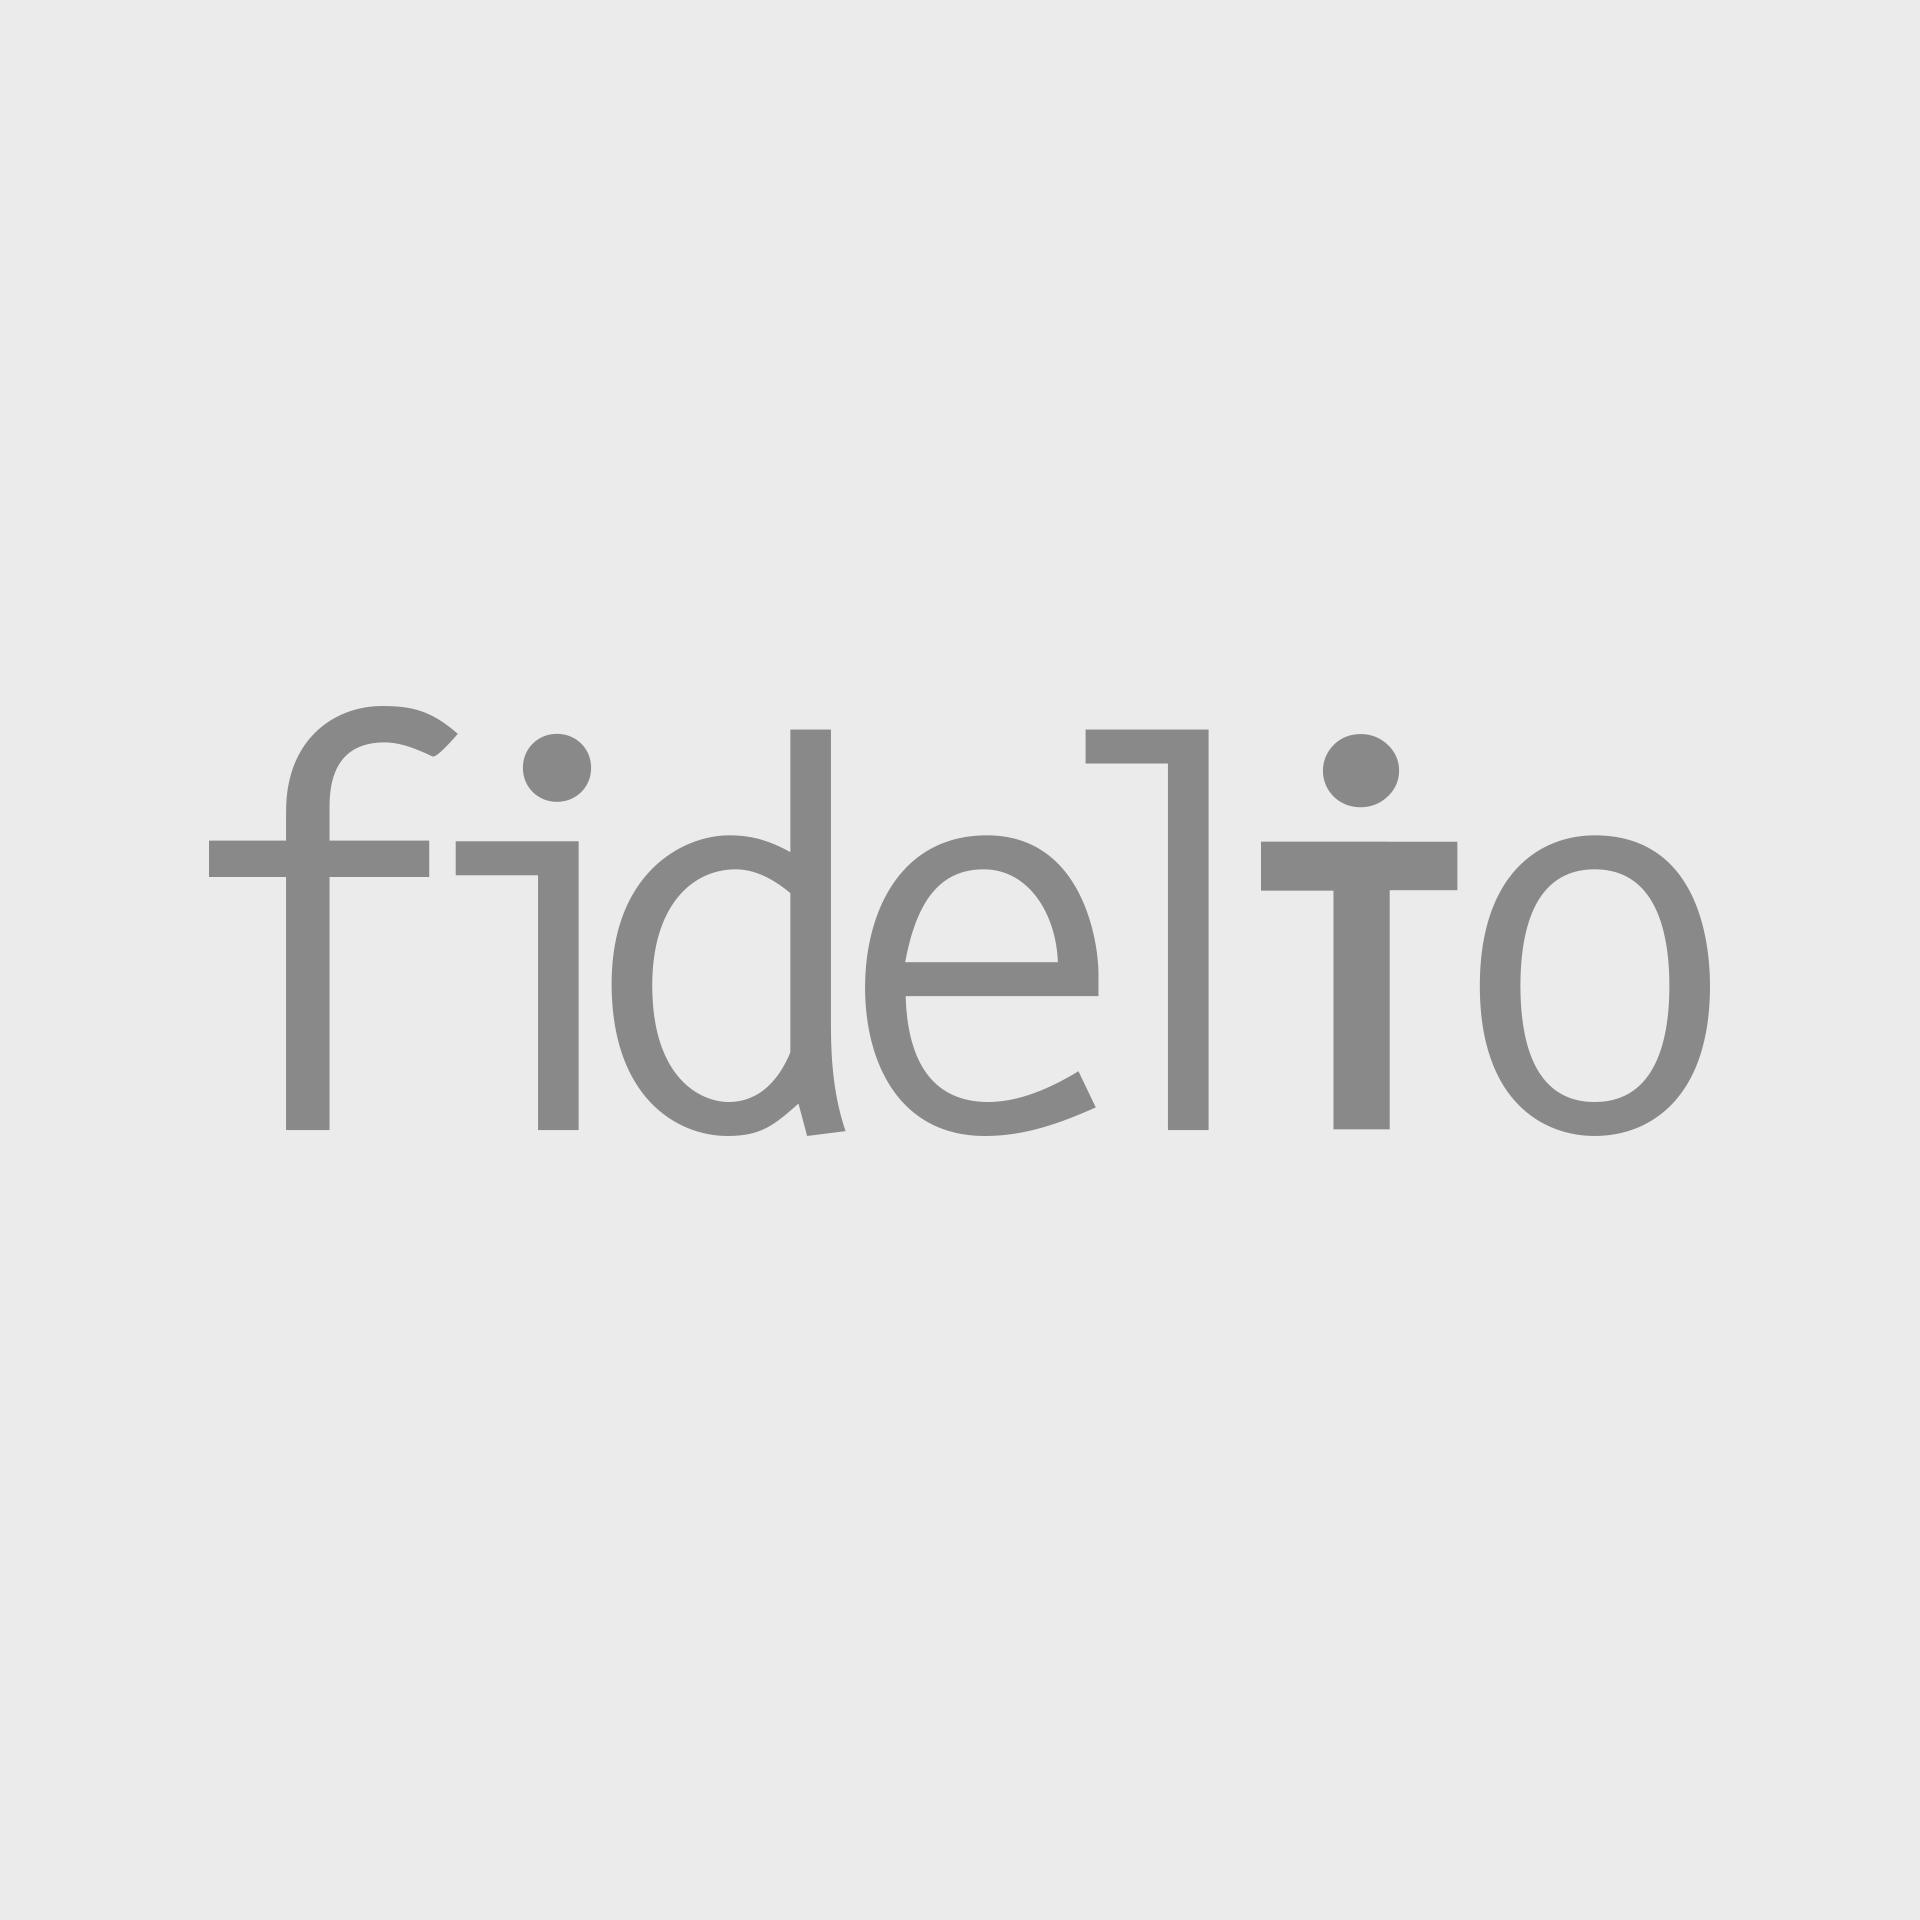 Kiadják J. D. Salinger eddig ismeretlen műveit? Hiszem, ha olvasom!